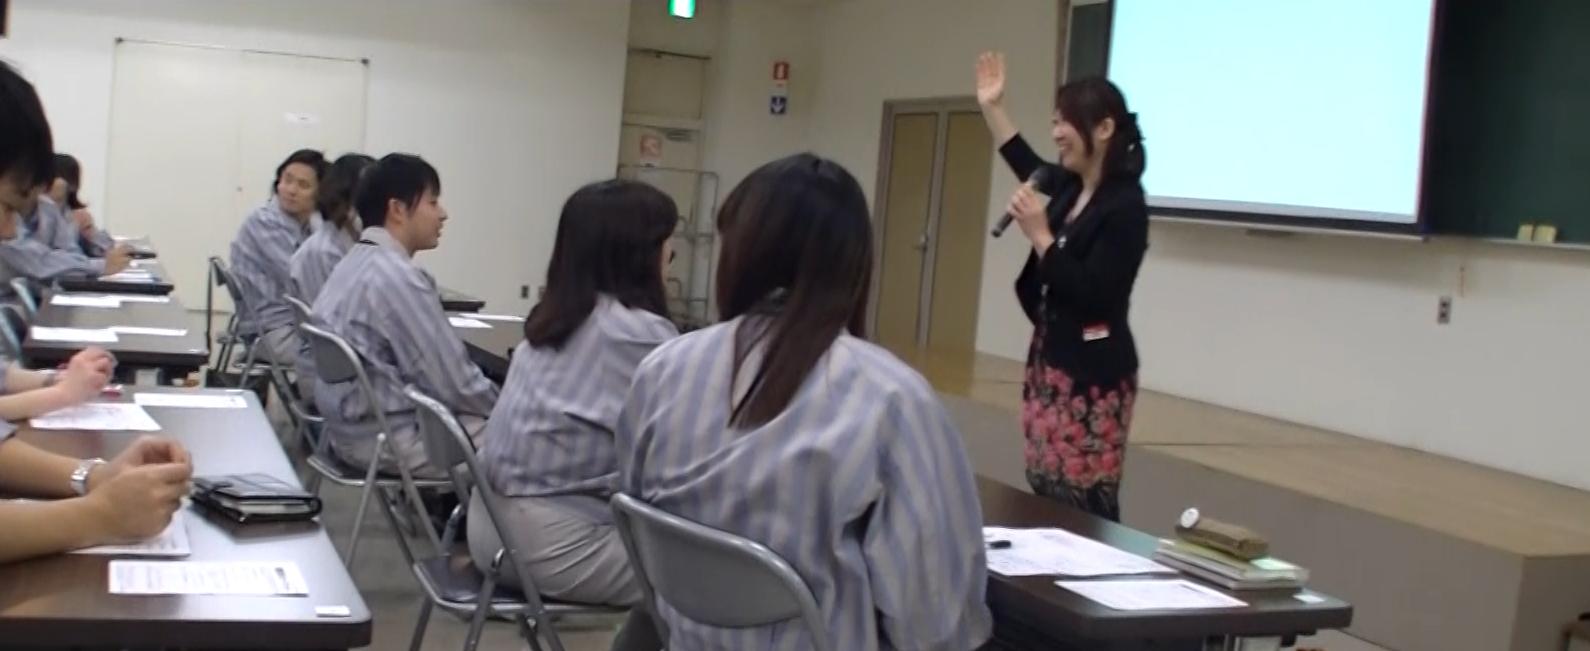 コミュニケーション/ビジネスマナー研修